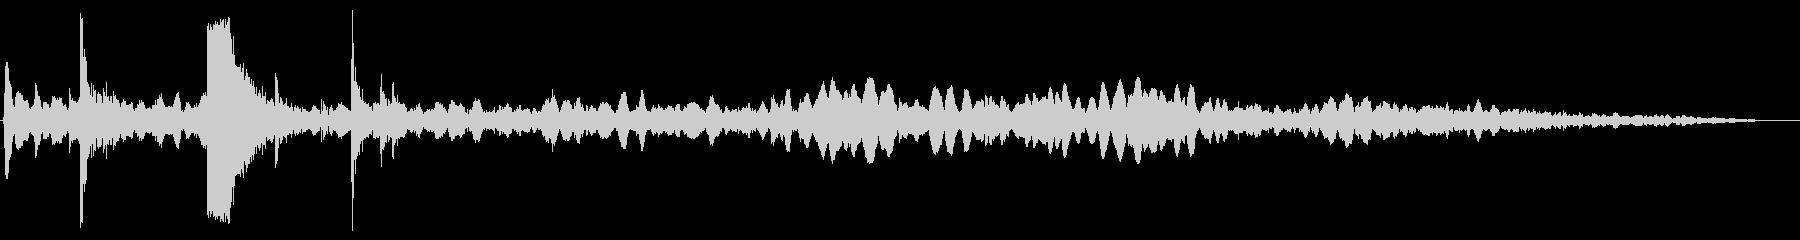 着火する音(ガスコンロ)の未再生の波形